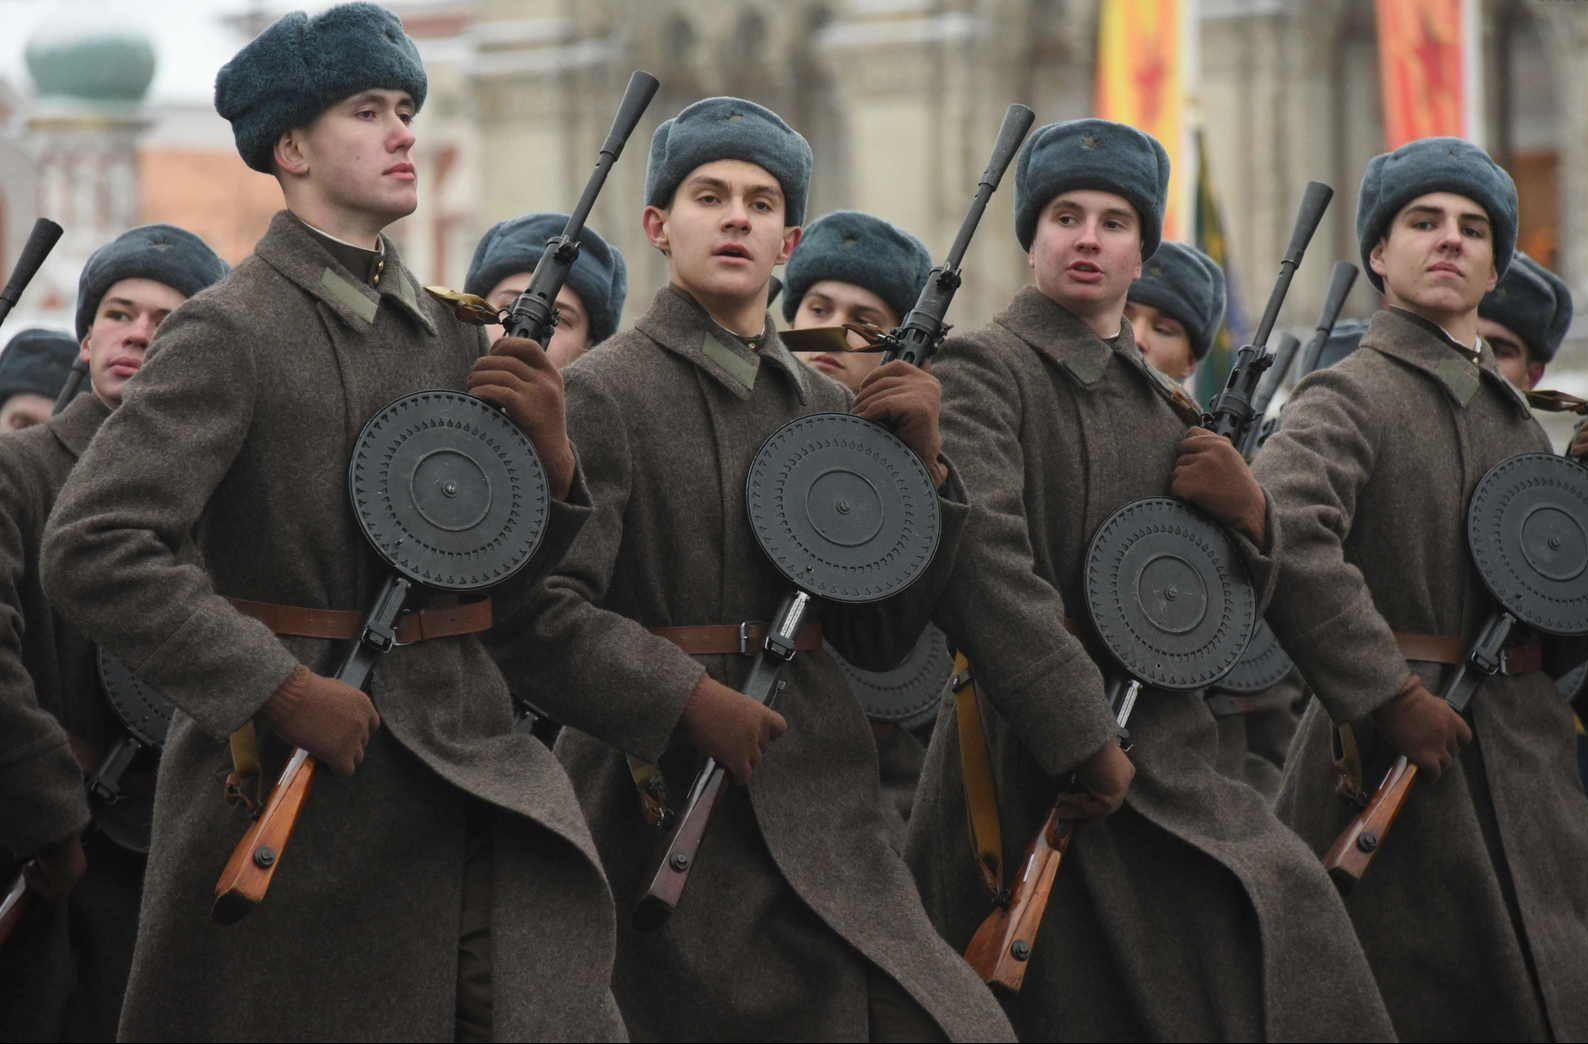 Генеральную репетицию военного парада провели на Красной площади. Фото: Владимир Новиков, «Вечерняя Москва»